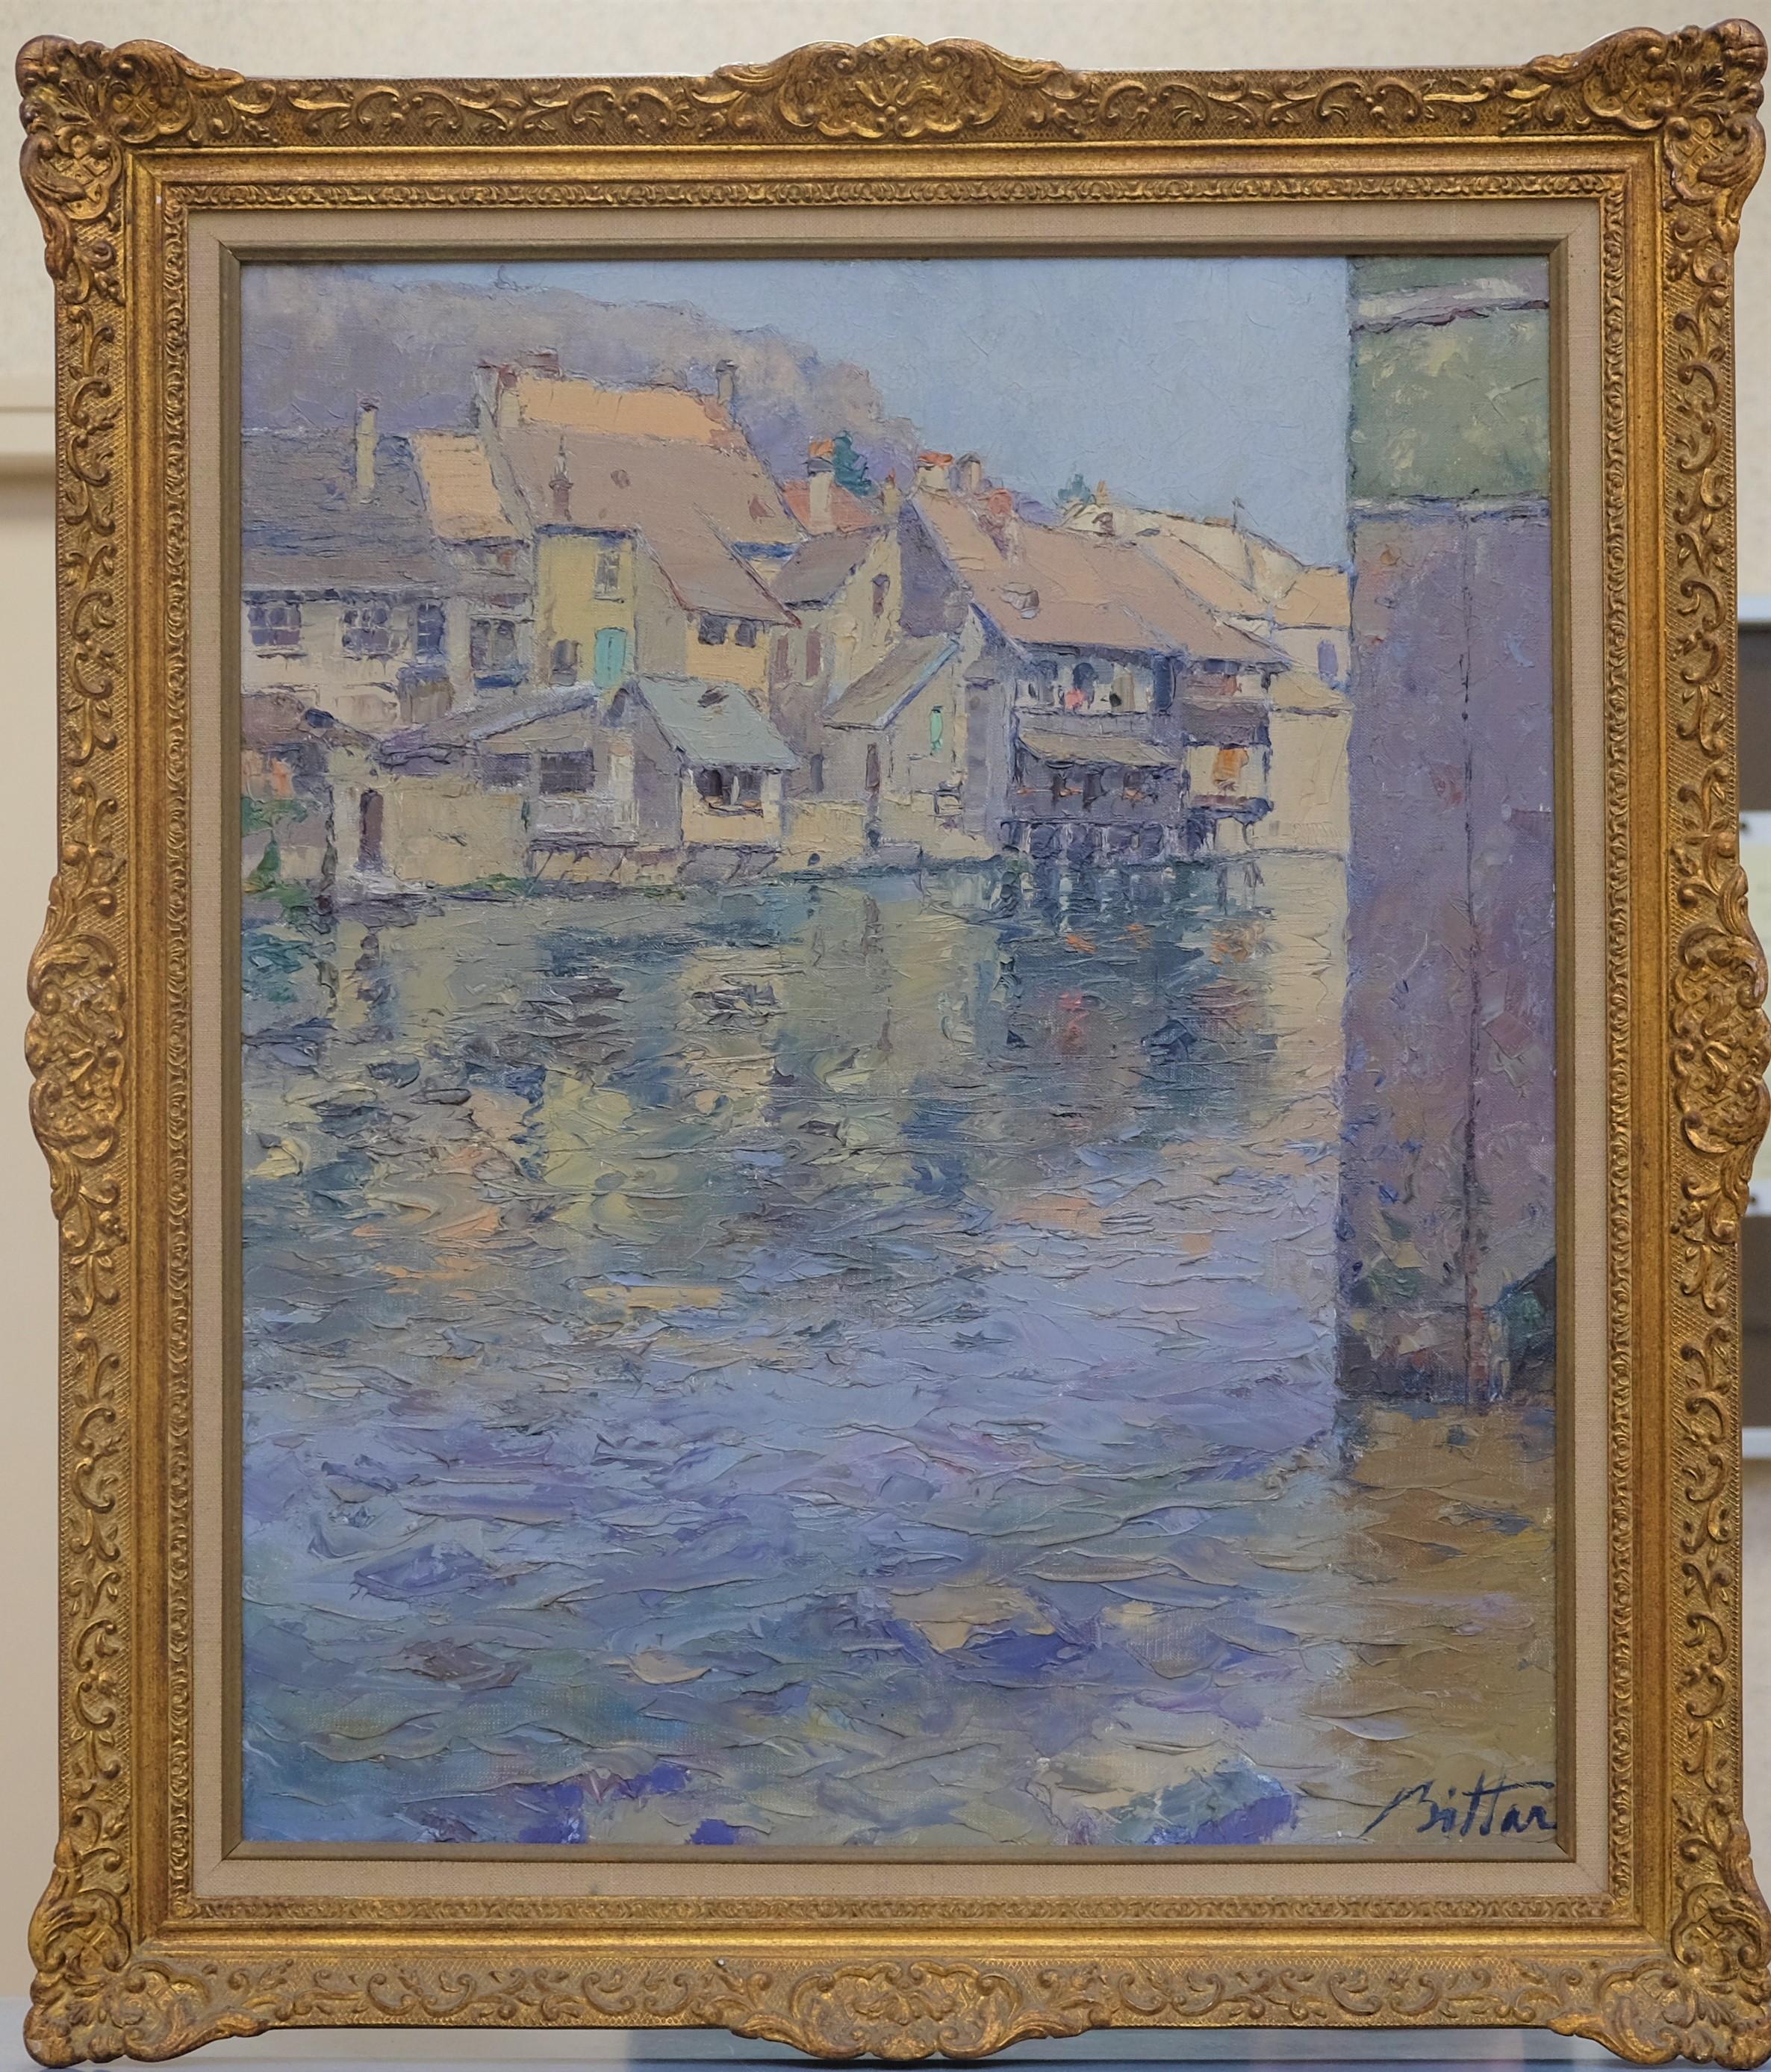 BITTAR Pierre (né en 1934). Ornans. Huile sur toile. Signée en bas à droite. 65 X 54.